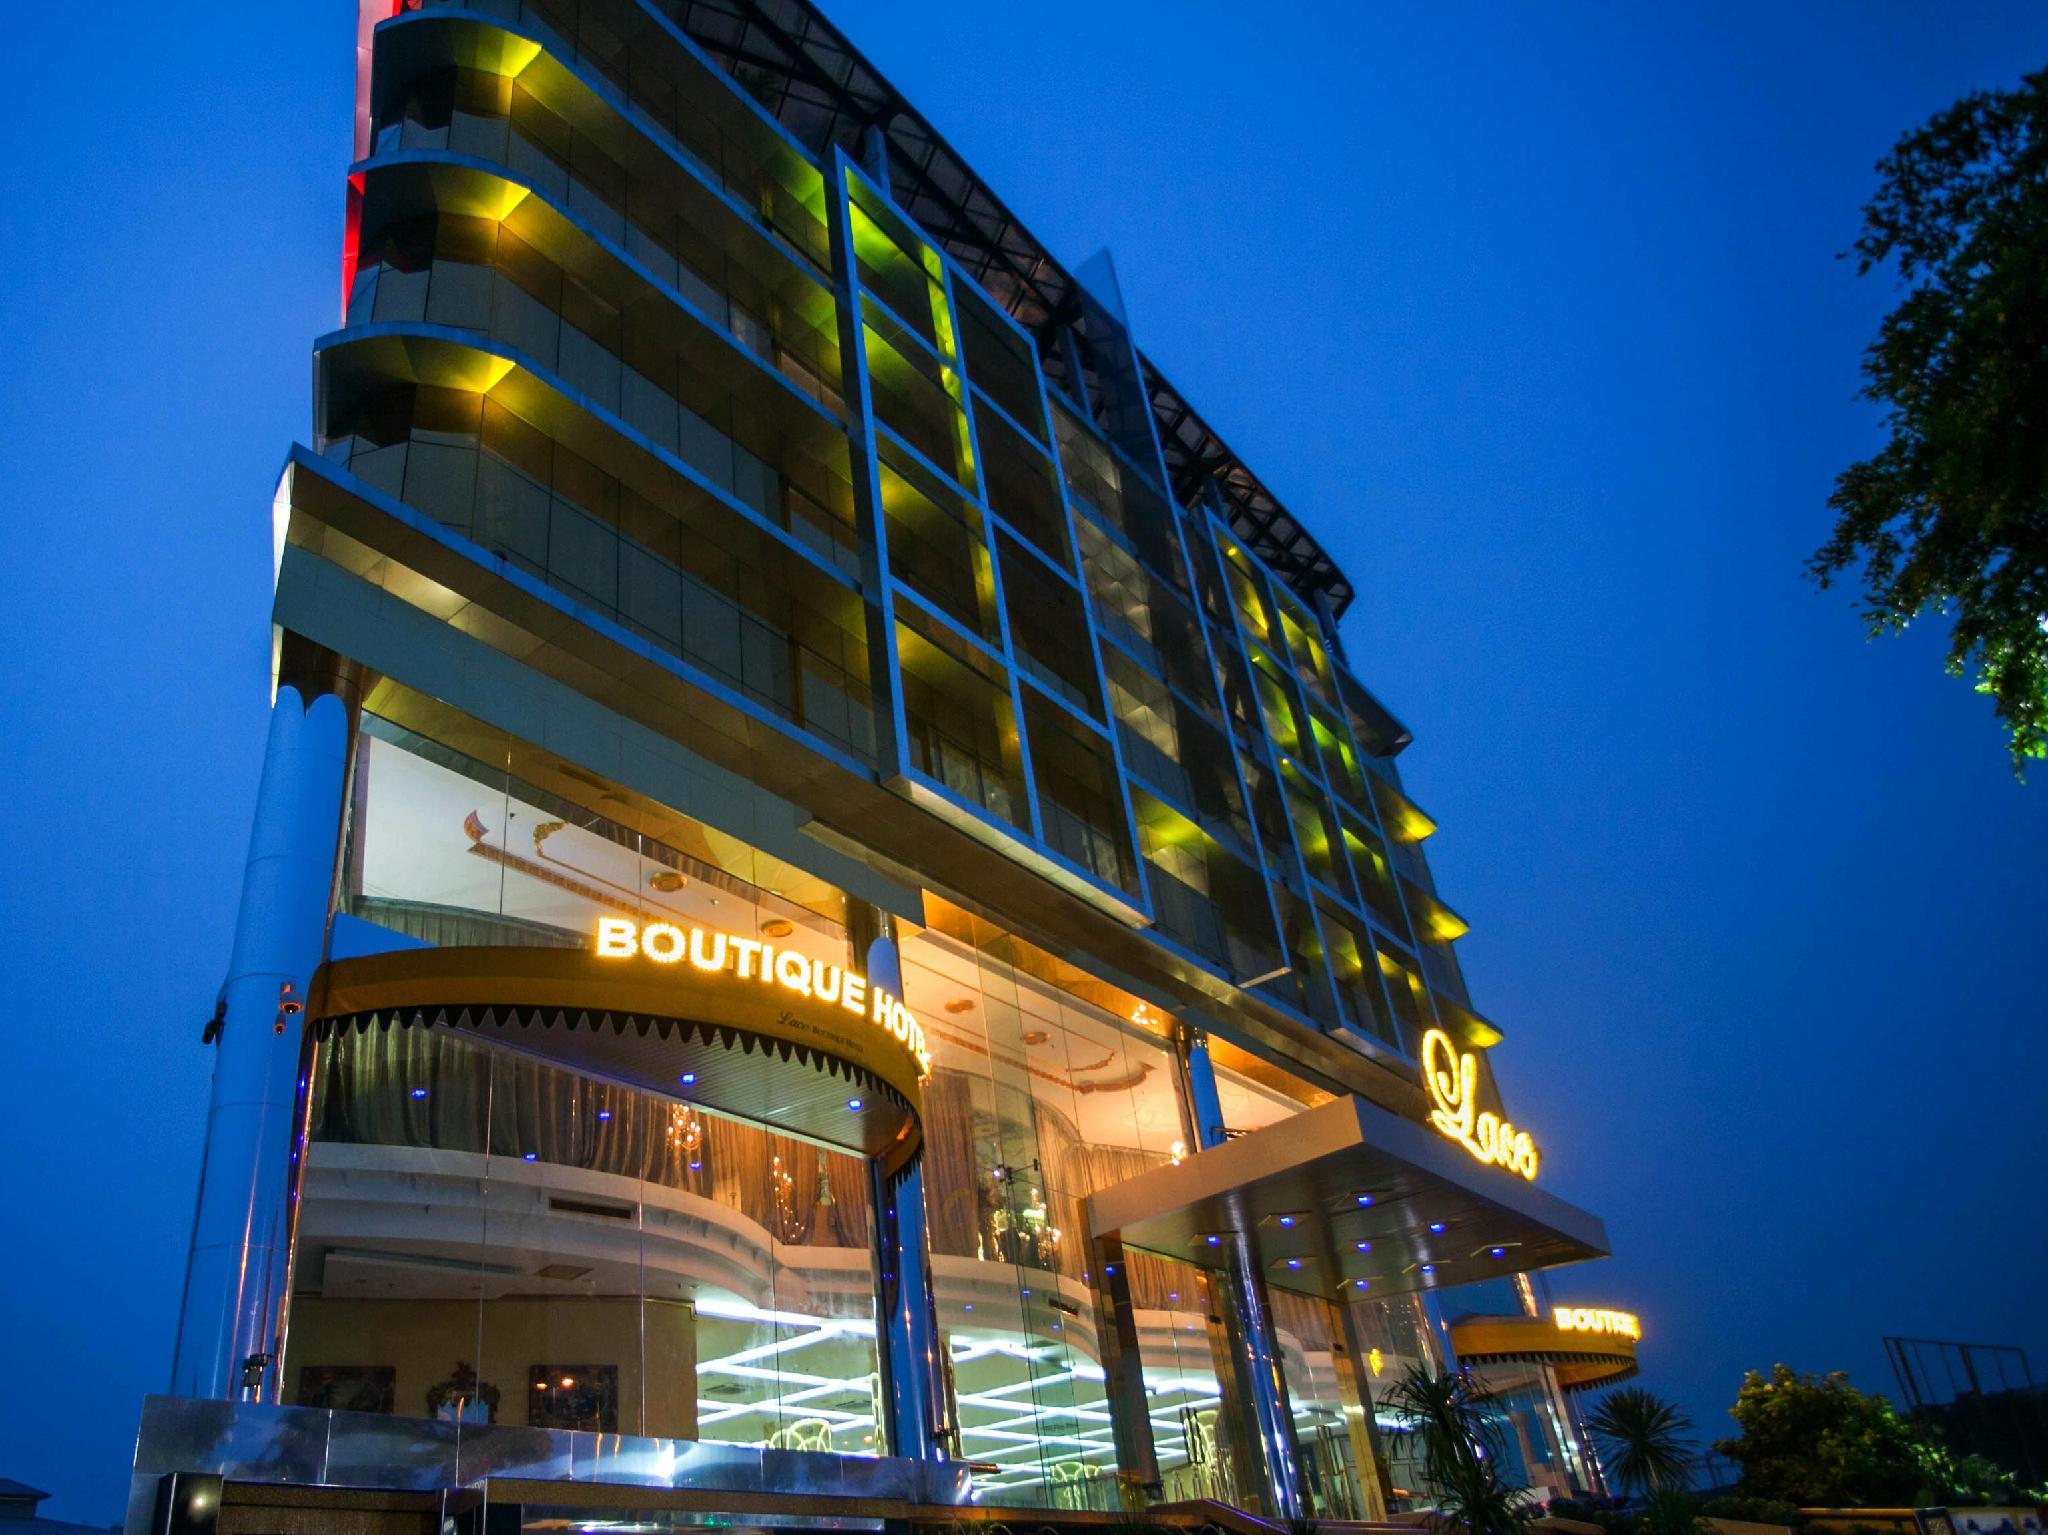 Lace Boutique Hotel, Johor Bahru